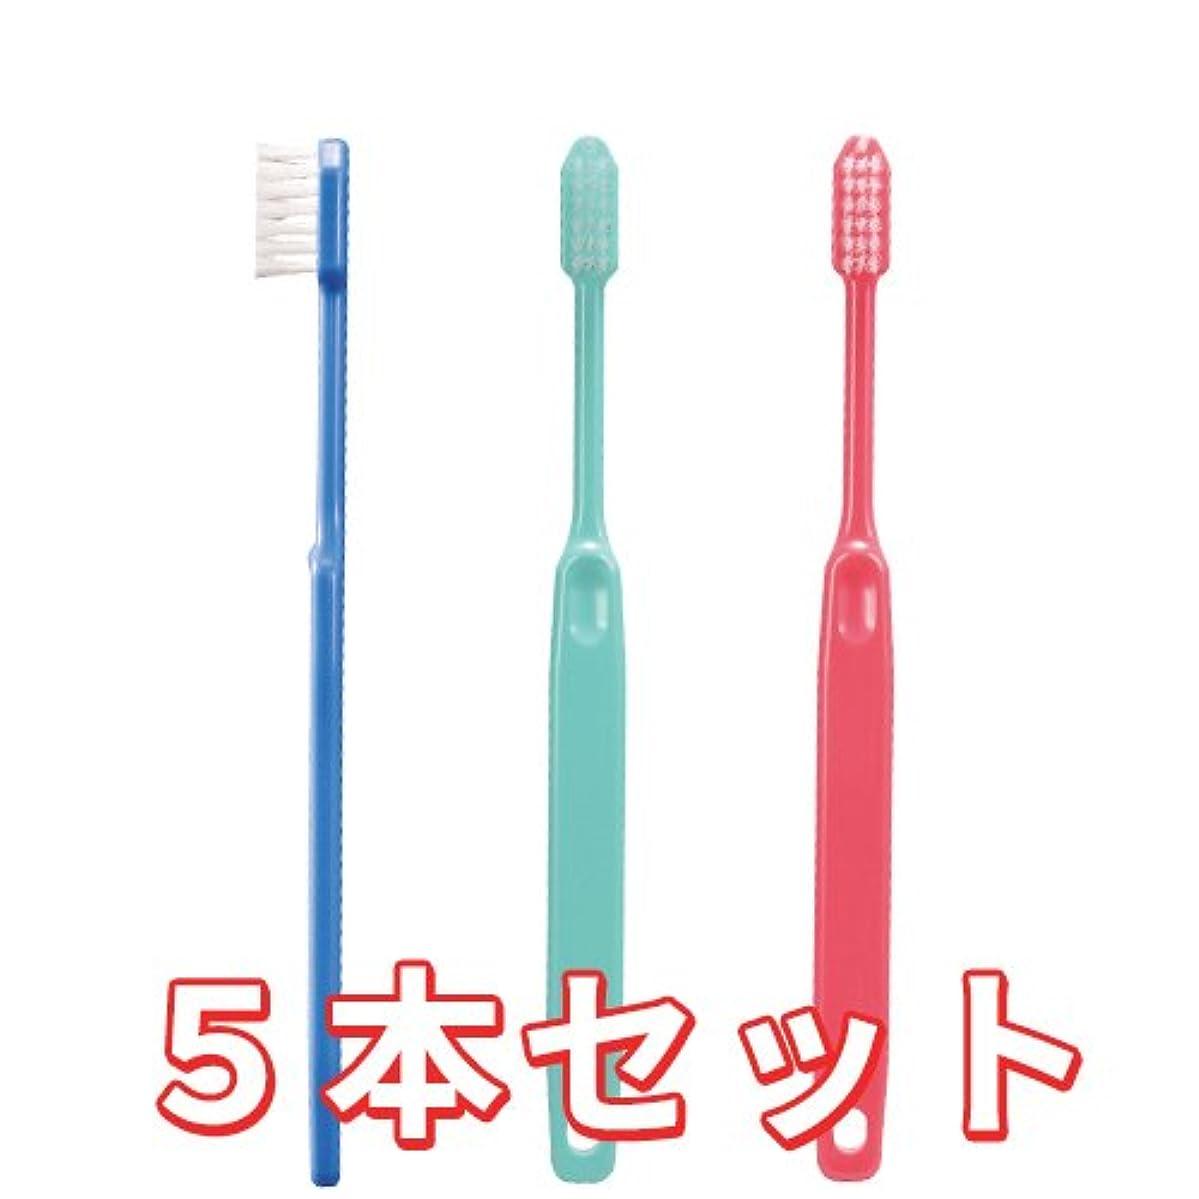 静める手紙を書く現実的Ciメディカル 歯ブラシ コンパクトヘッド 疎毛タイプ アソート 5本 (Ci25(やわらかめ))